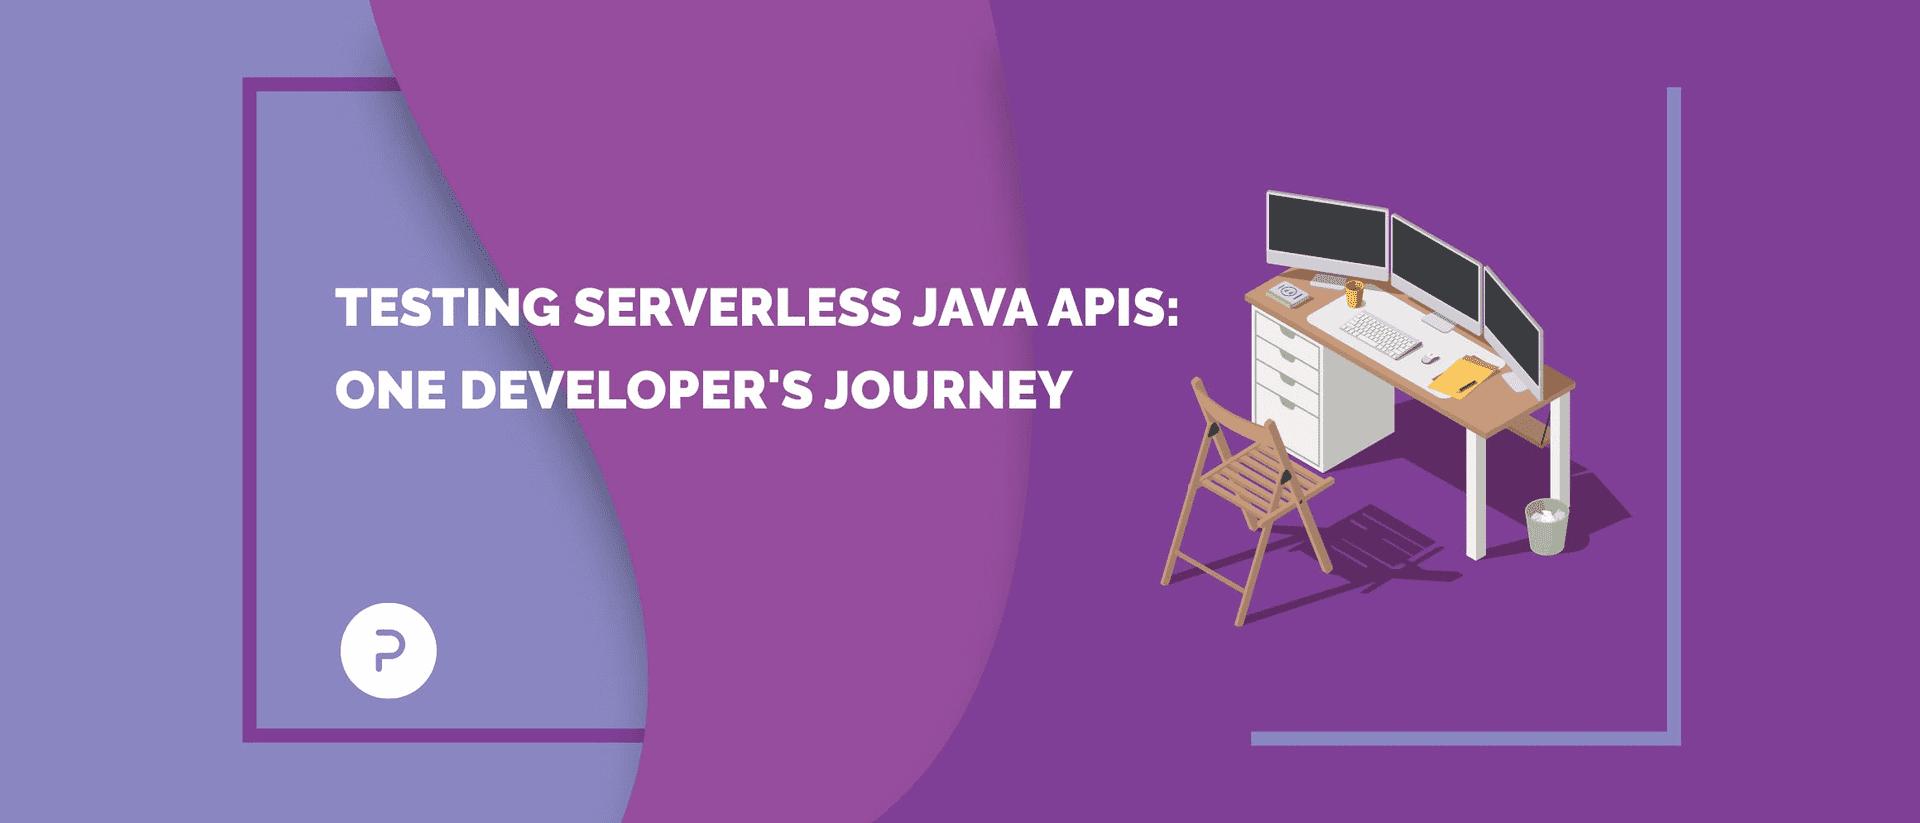 Testing Serverless Java APIs: One Developer's Journey